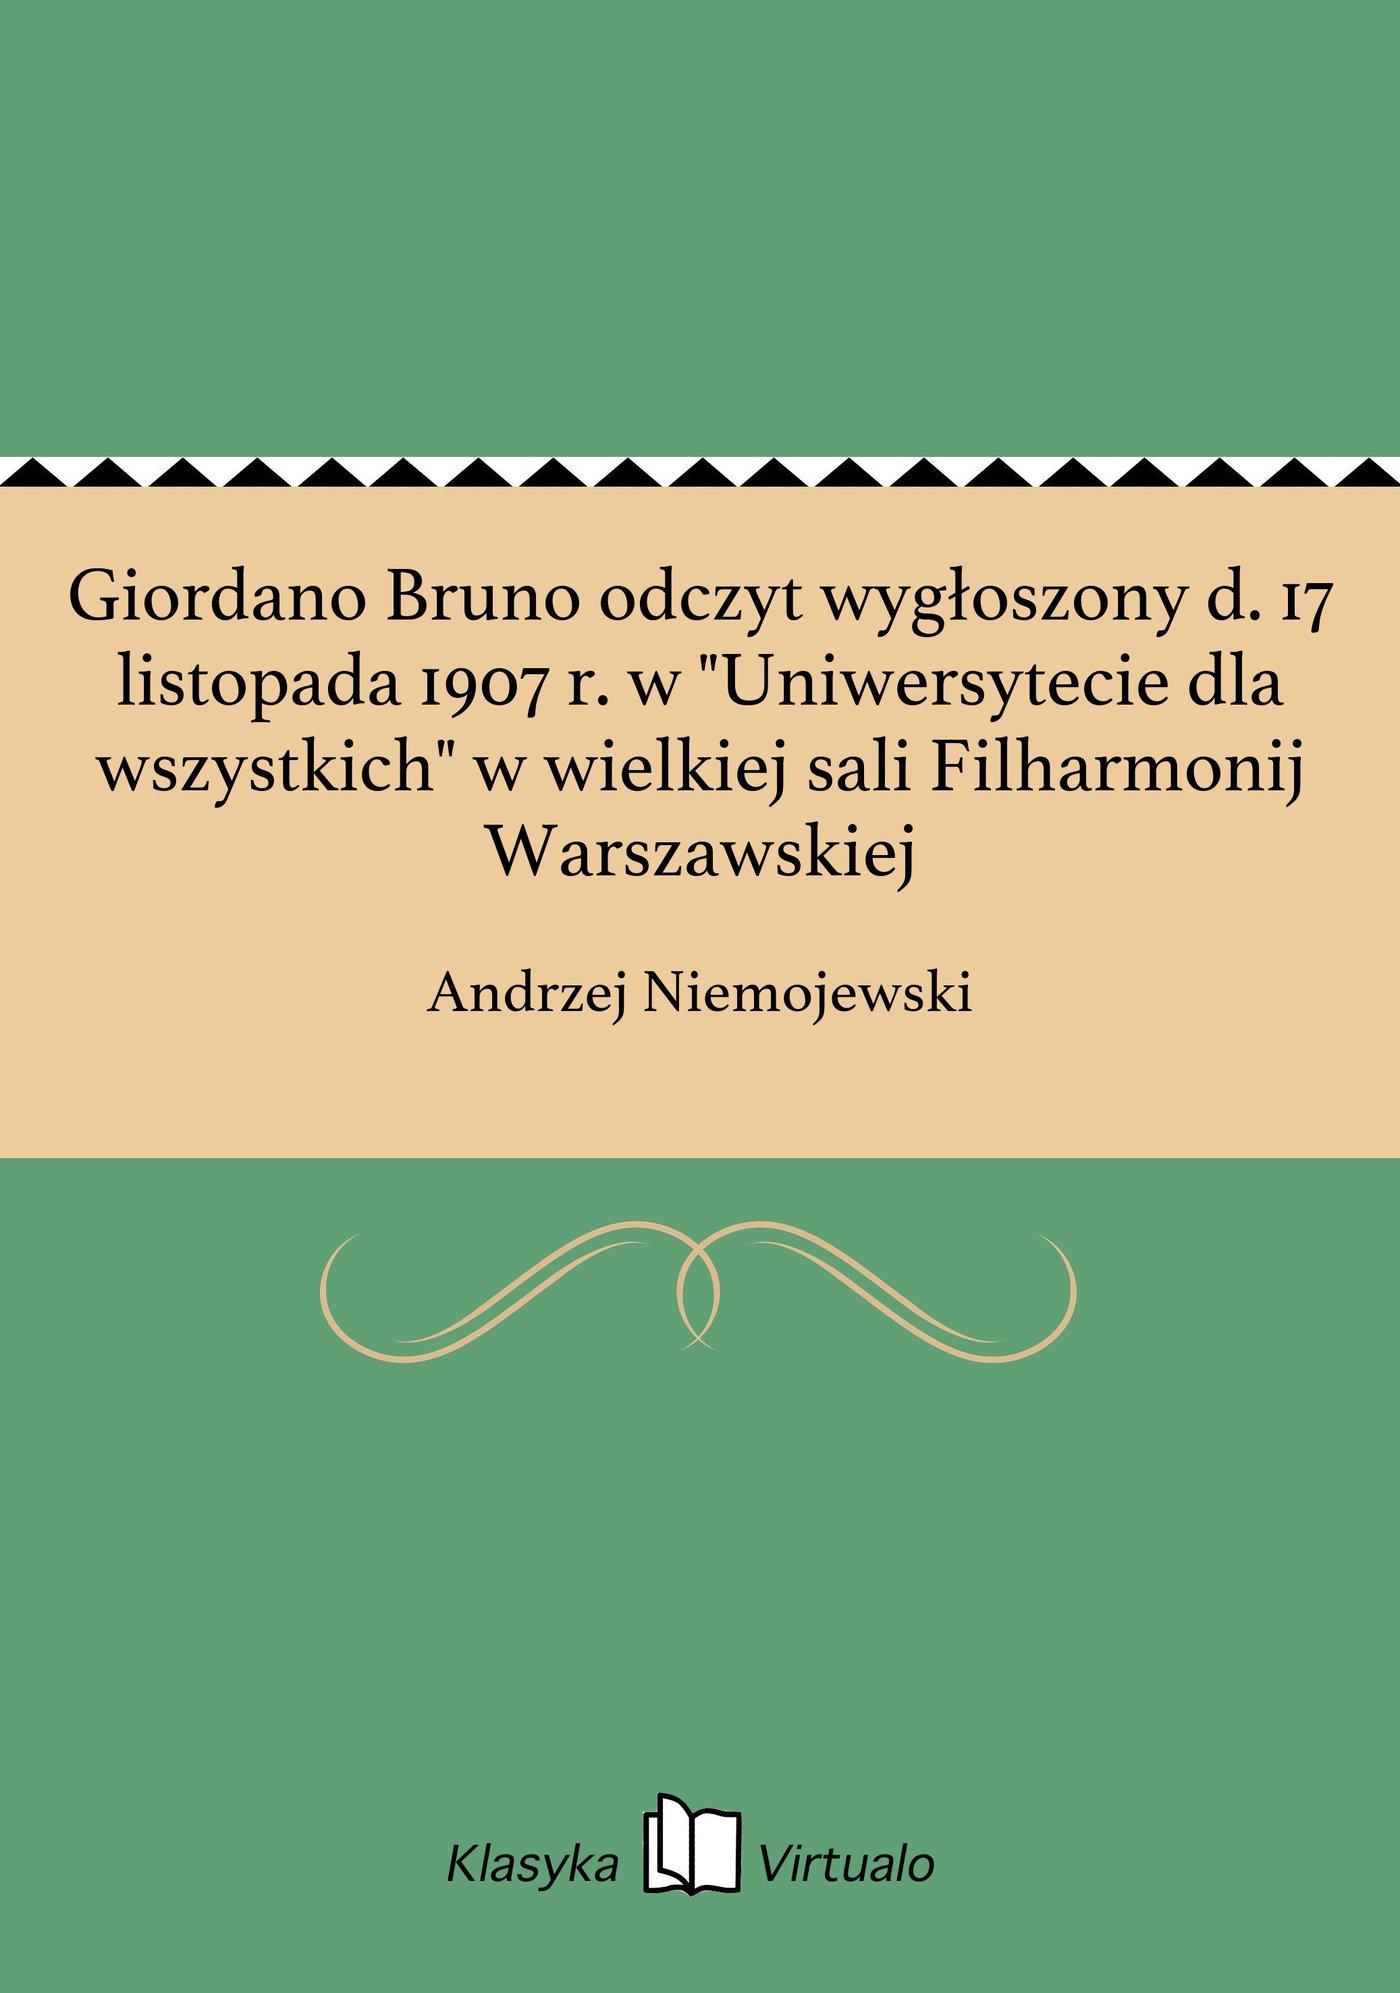 """Giordano Bruno odczyt wygłoszony d. 17 listopada 1907 r. w """"Uniwersytecie dla wszystkich"""" w wielkiej sali Filharmonij Warszawskiej - Ebook (Książka EPUB) do pobrania w formacie EPUB"""